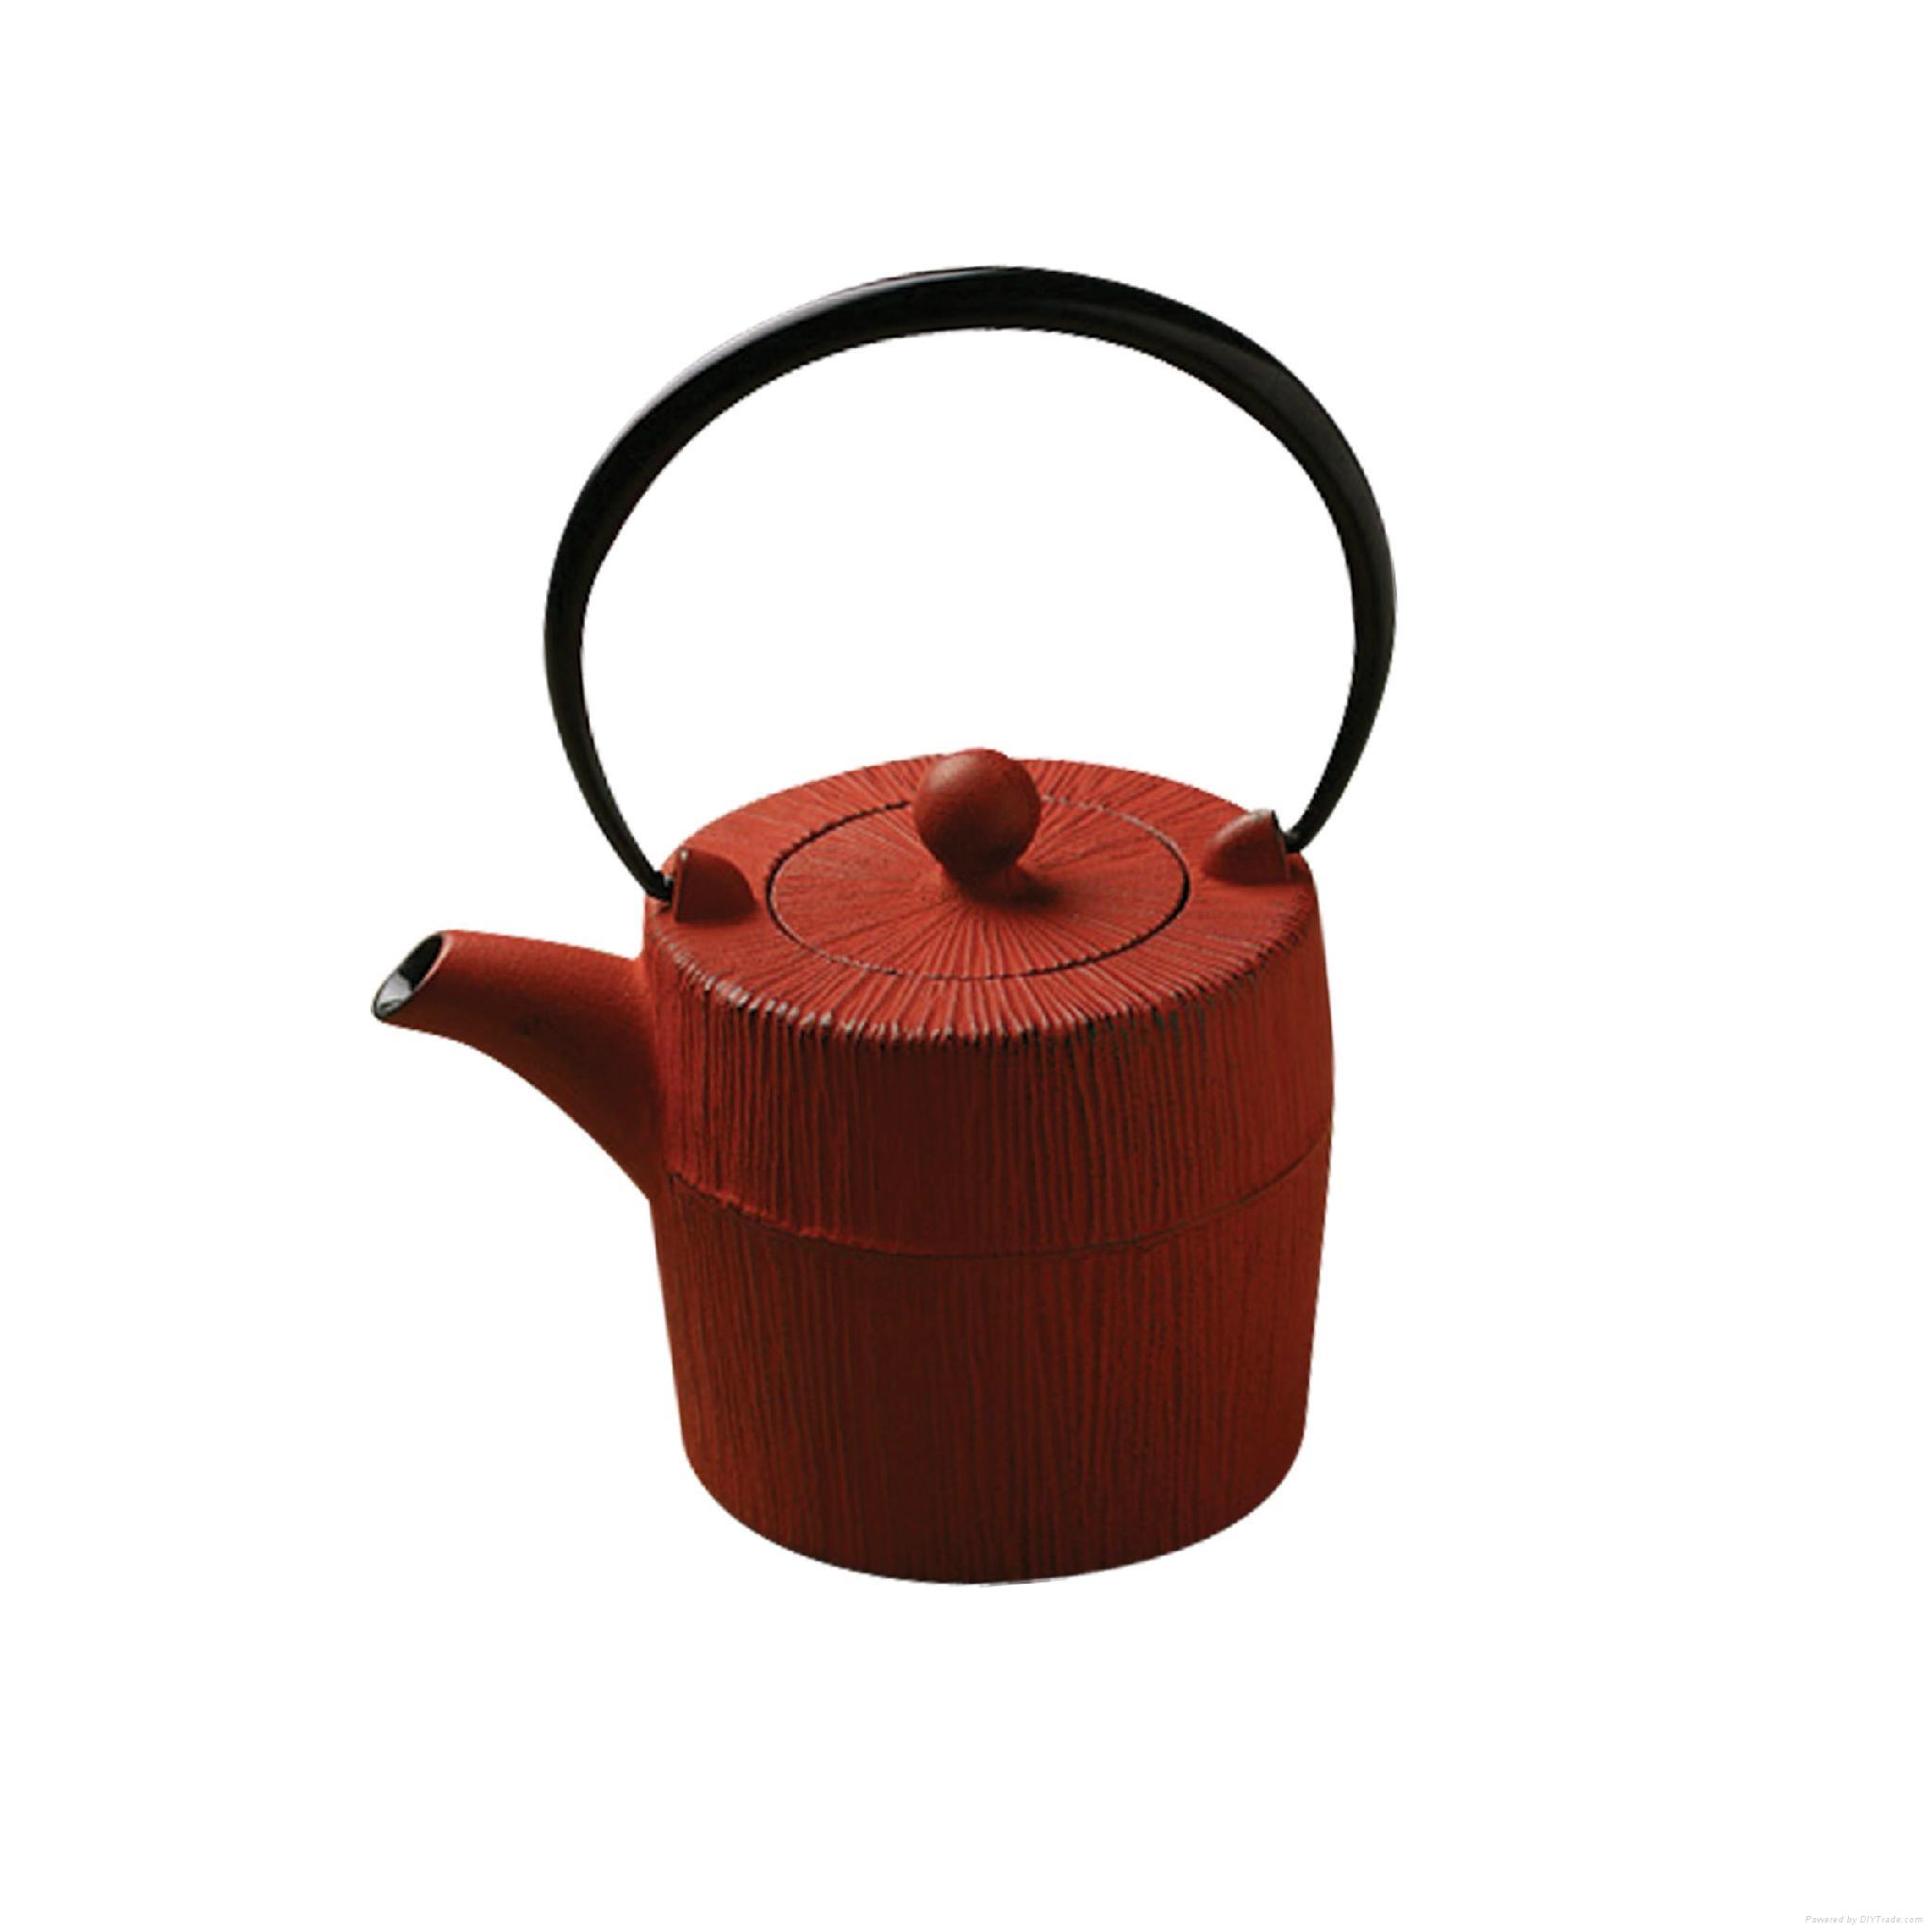 Enamel Cast Iron Teapot 1